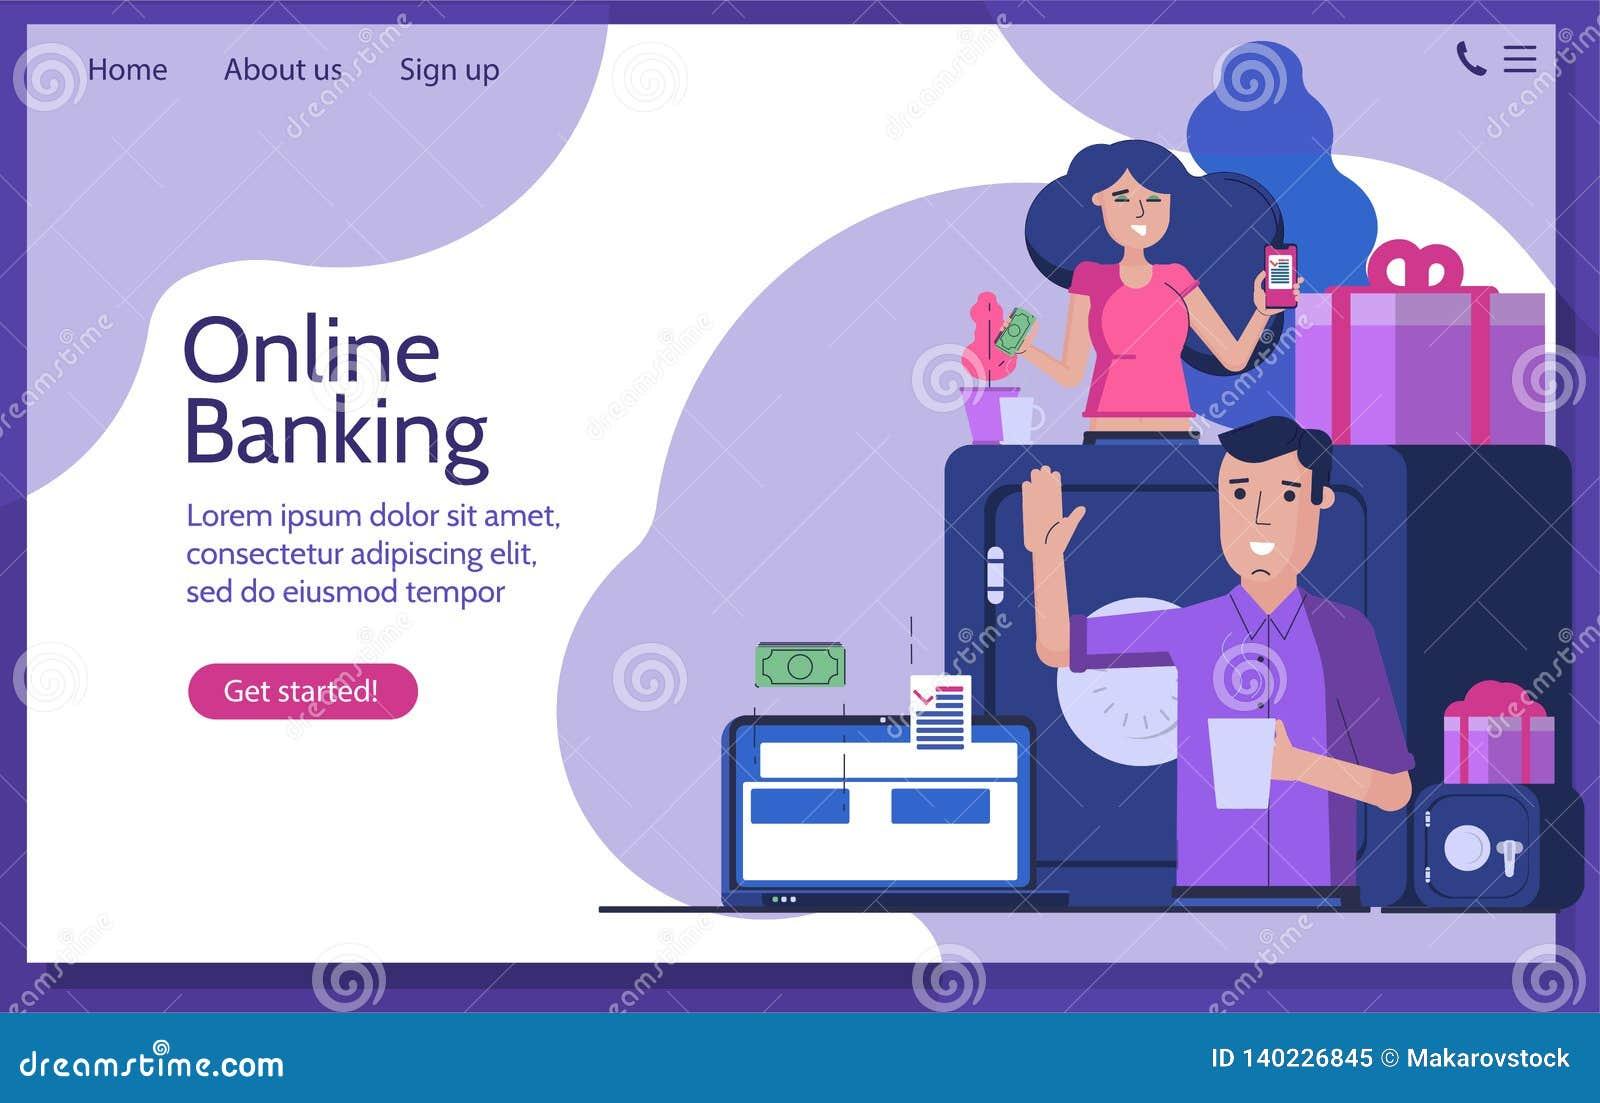 Opérations bancaires en ligne et envoyer l argent